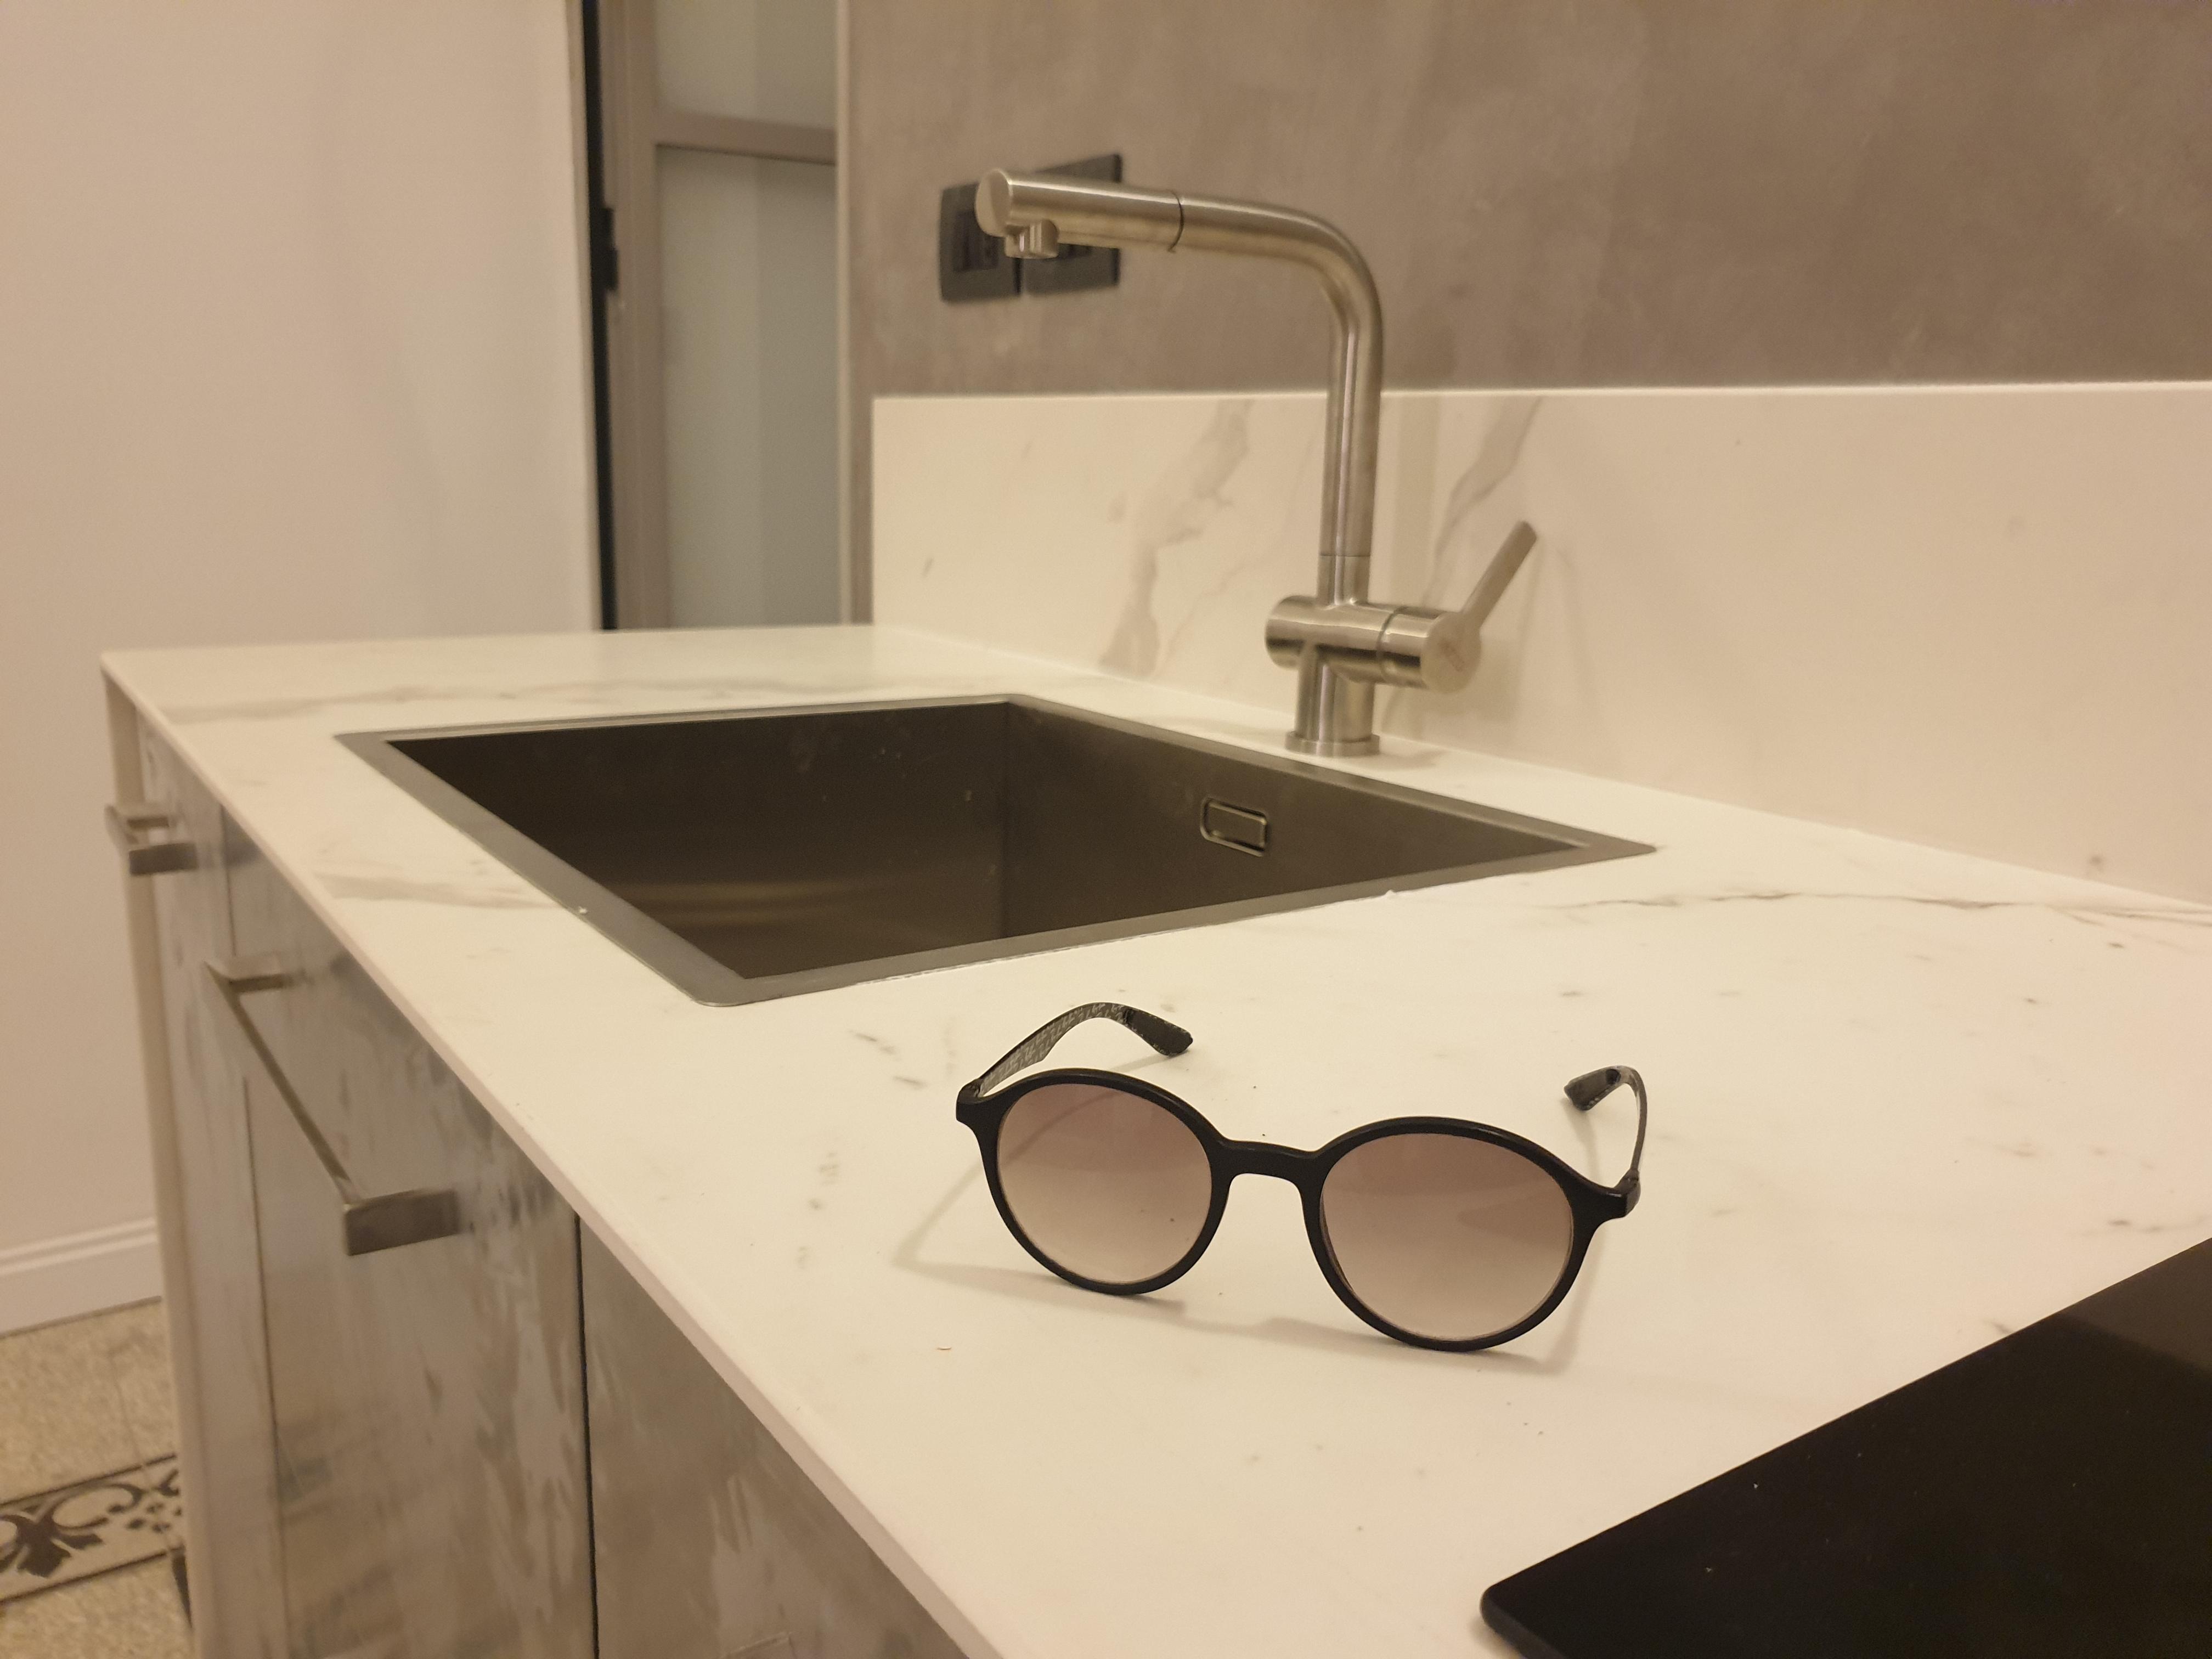 Trasformare cucina ikea in un progetto di design ...